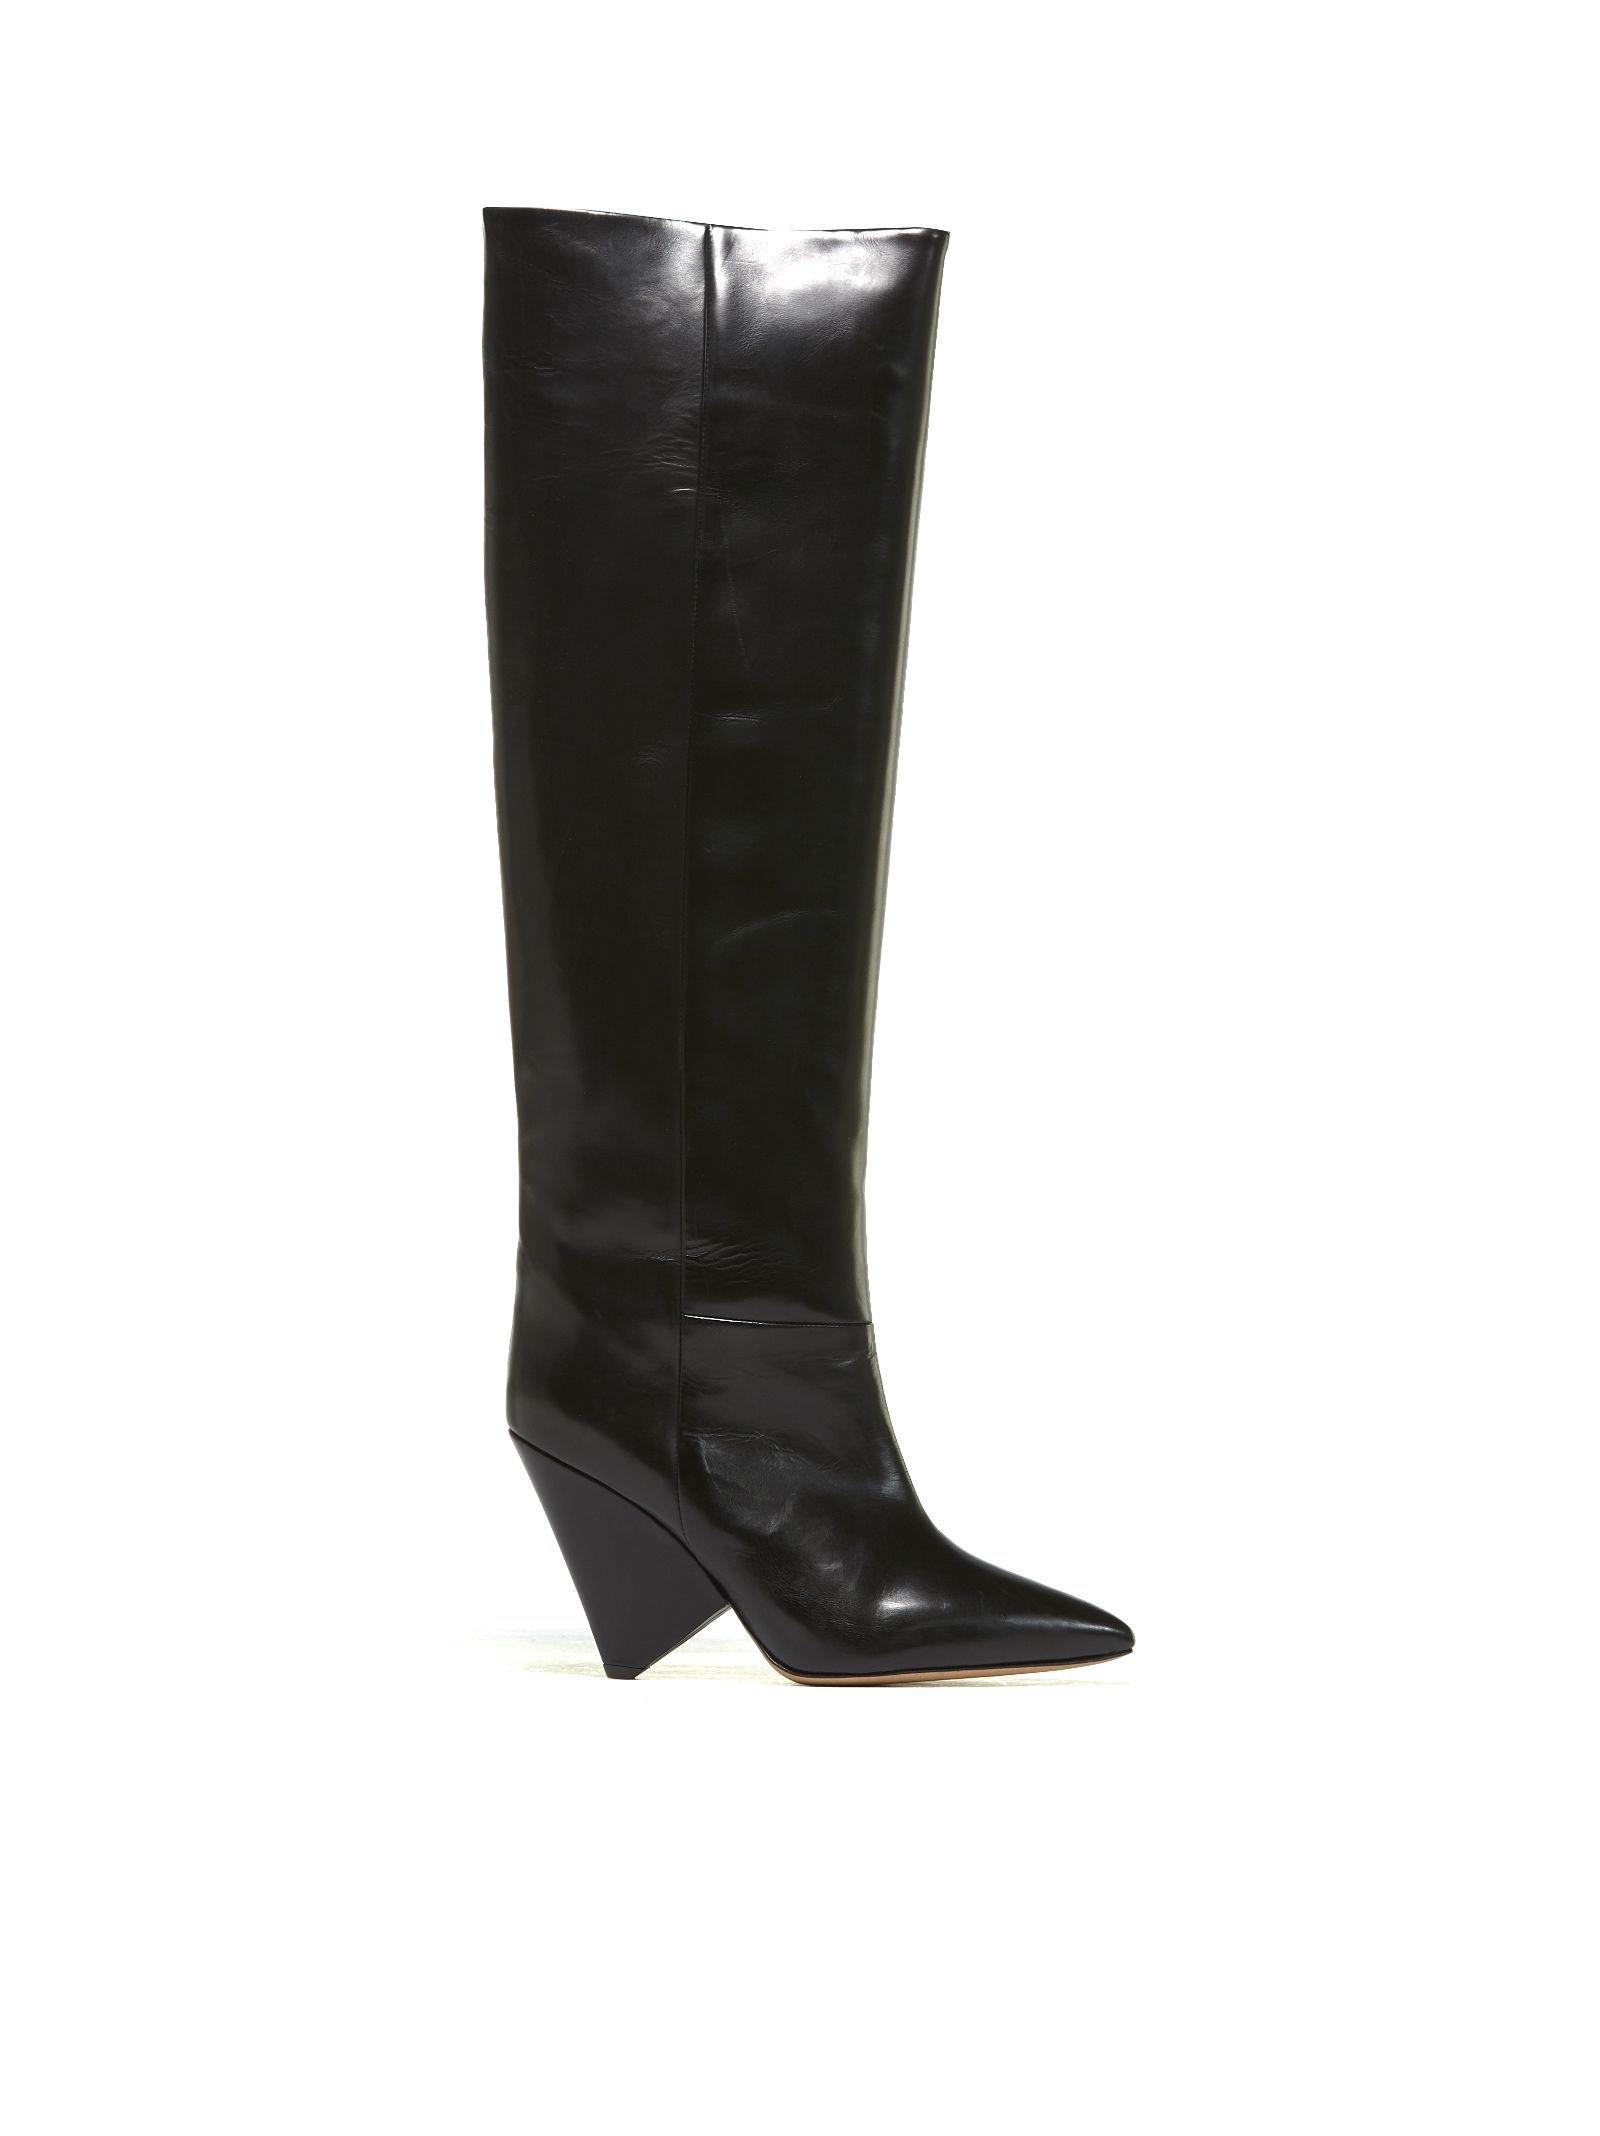 Isabel Marant Classic Boots